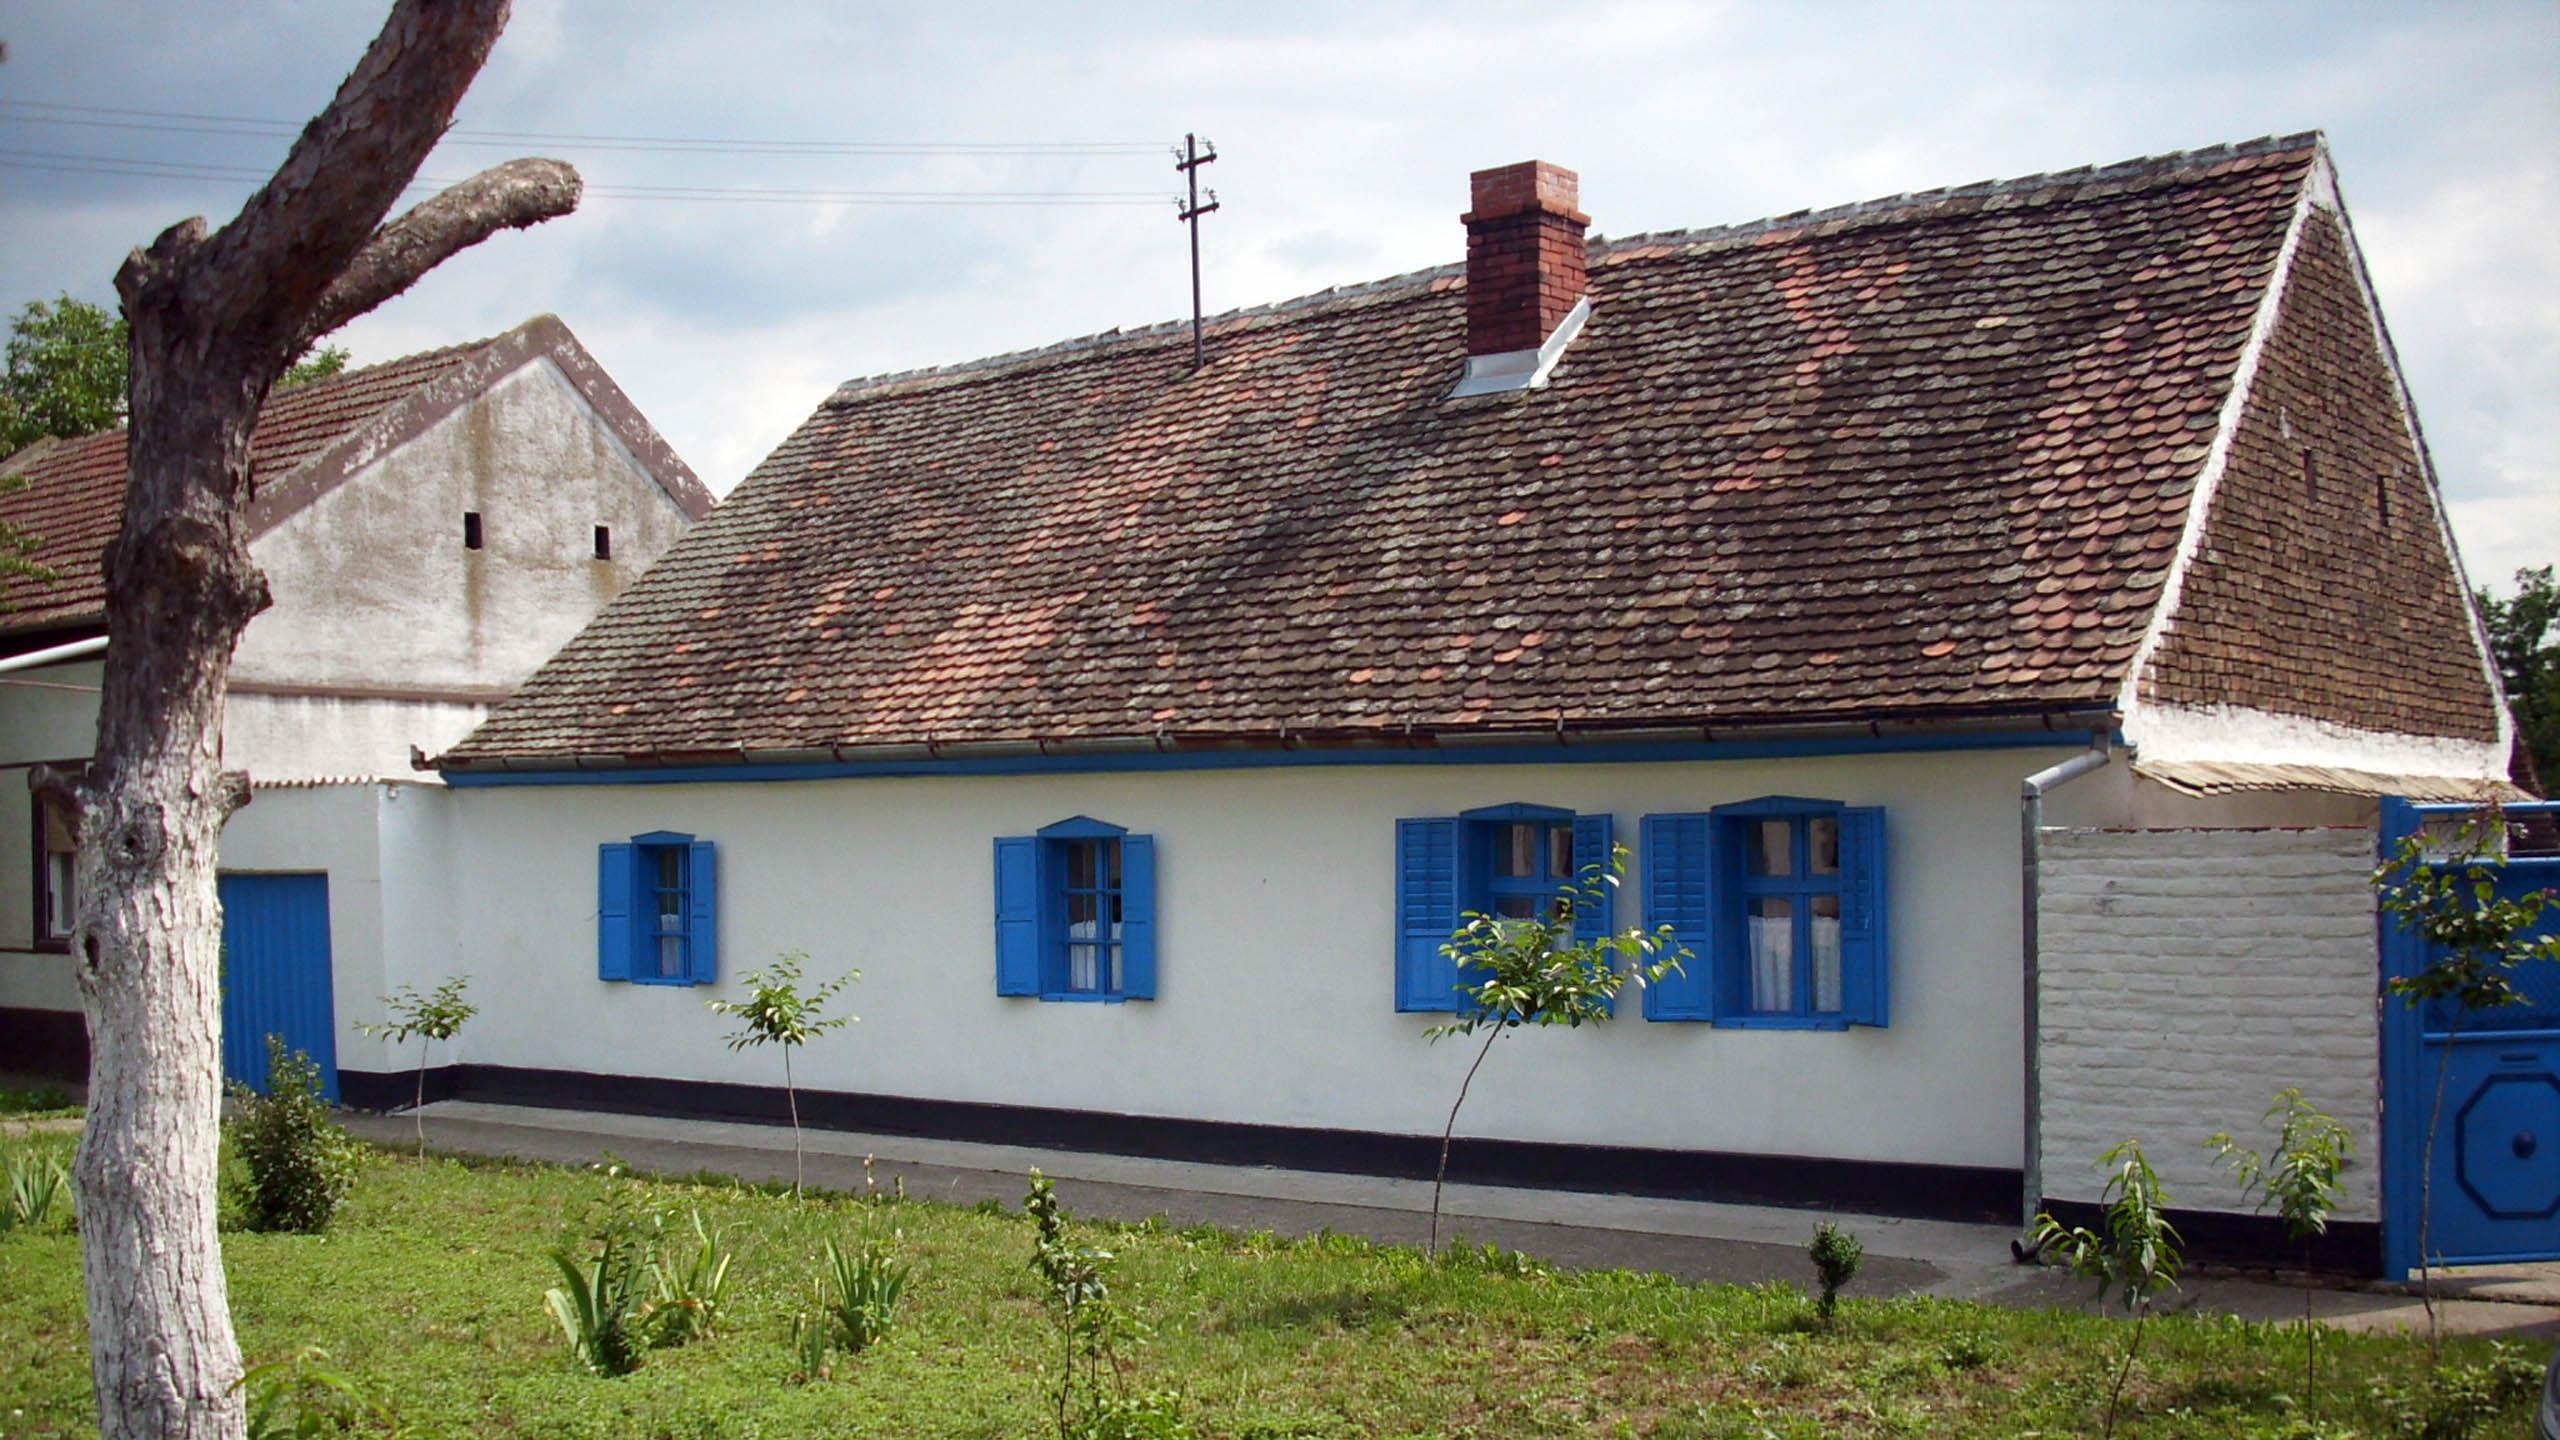 Etno múzeum Petraš